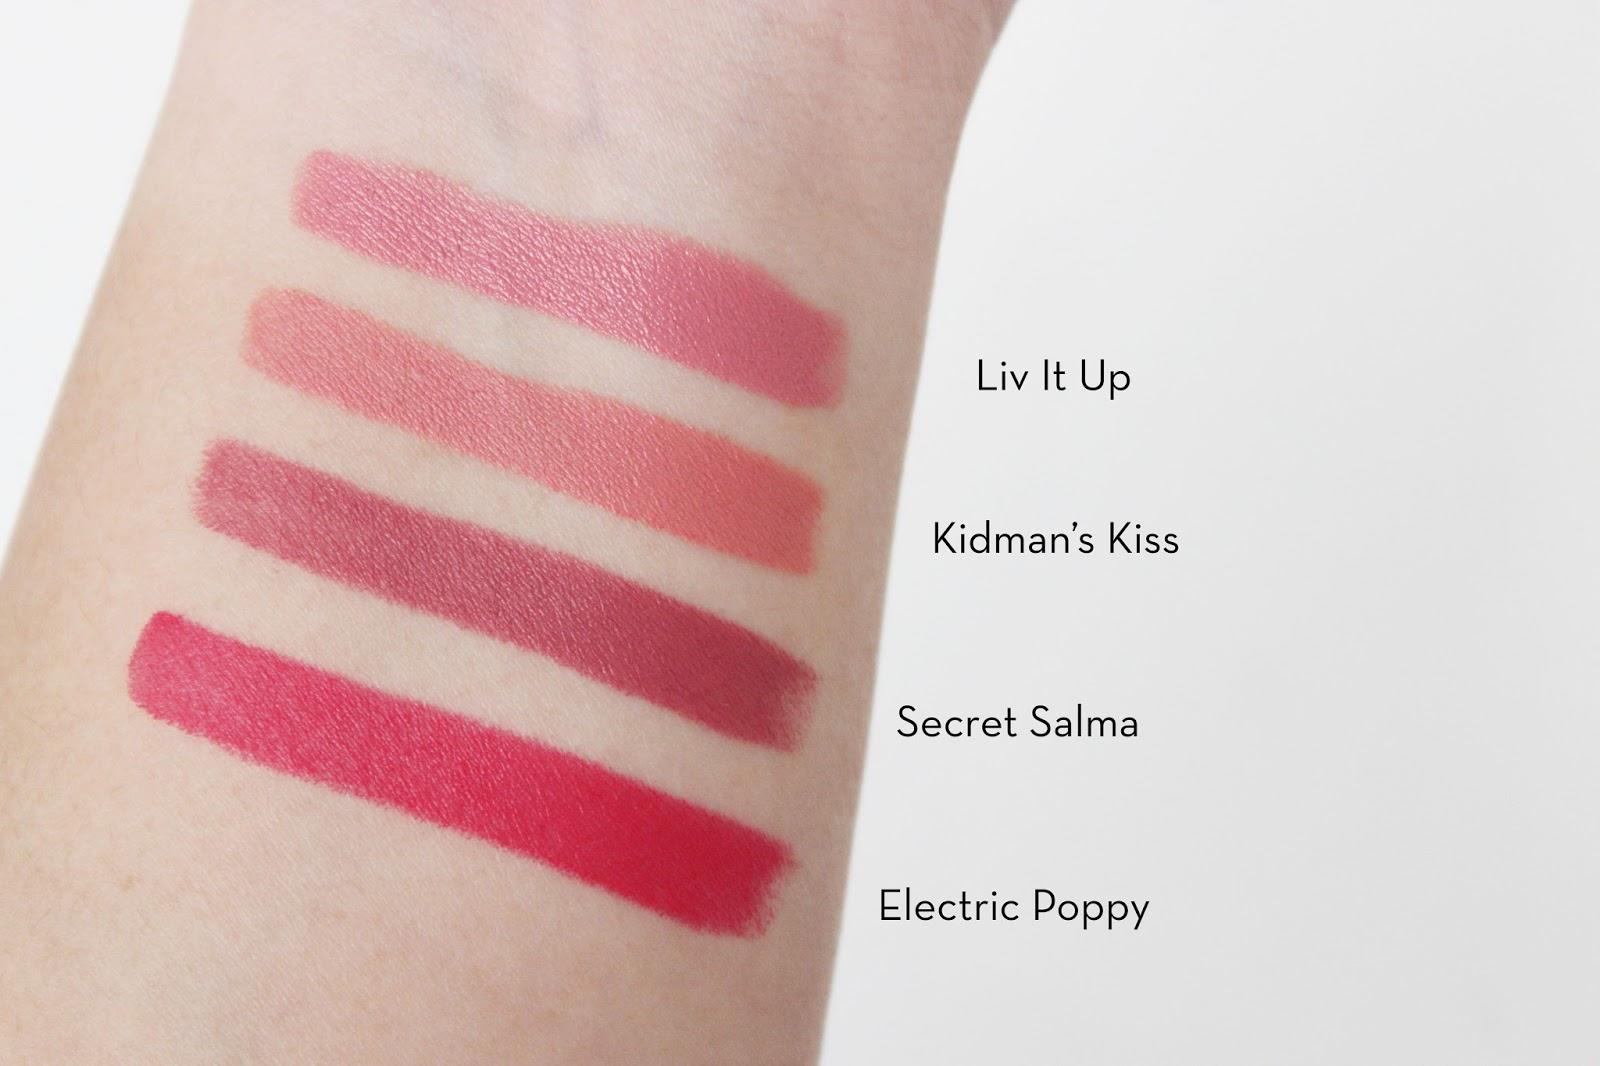 �ล�าร���หารู��า�สำหรั� Charlotte Tilbury Lipstick Liv It Up